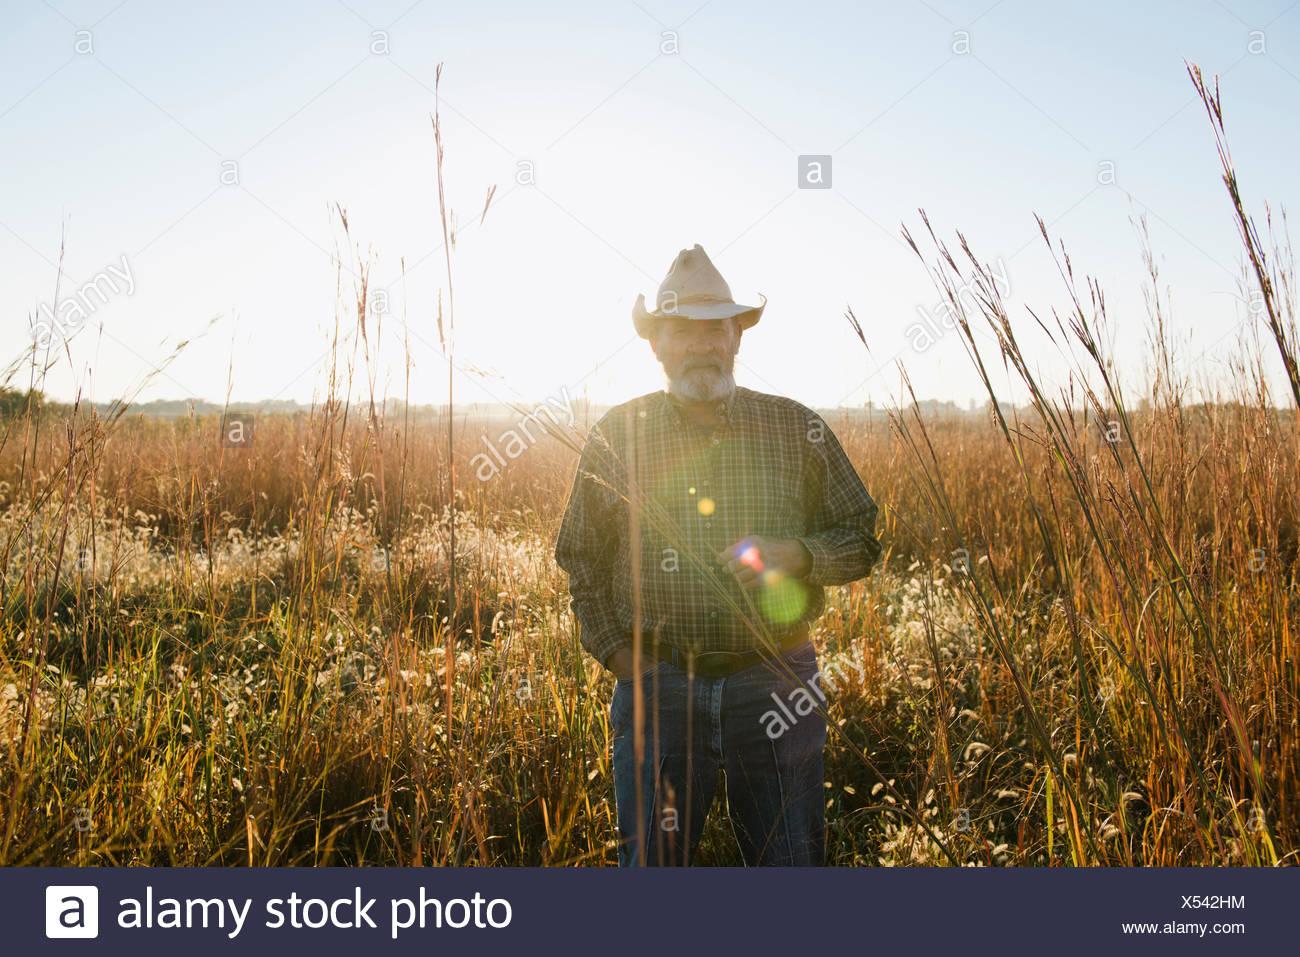 Retrato de altos agricultor en campo remoto, Plattsburg, Missouri, EE.UU. Imagen De Stock